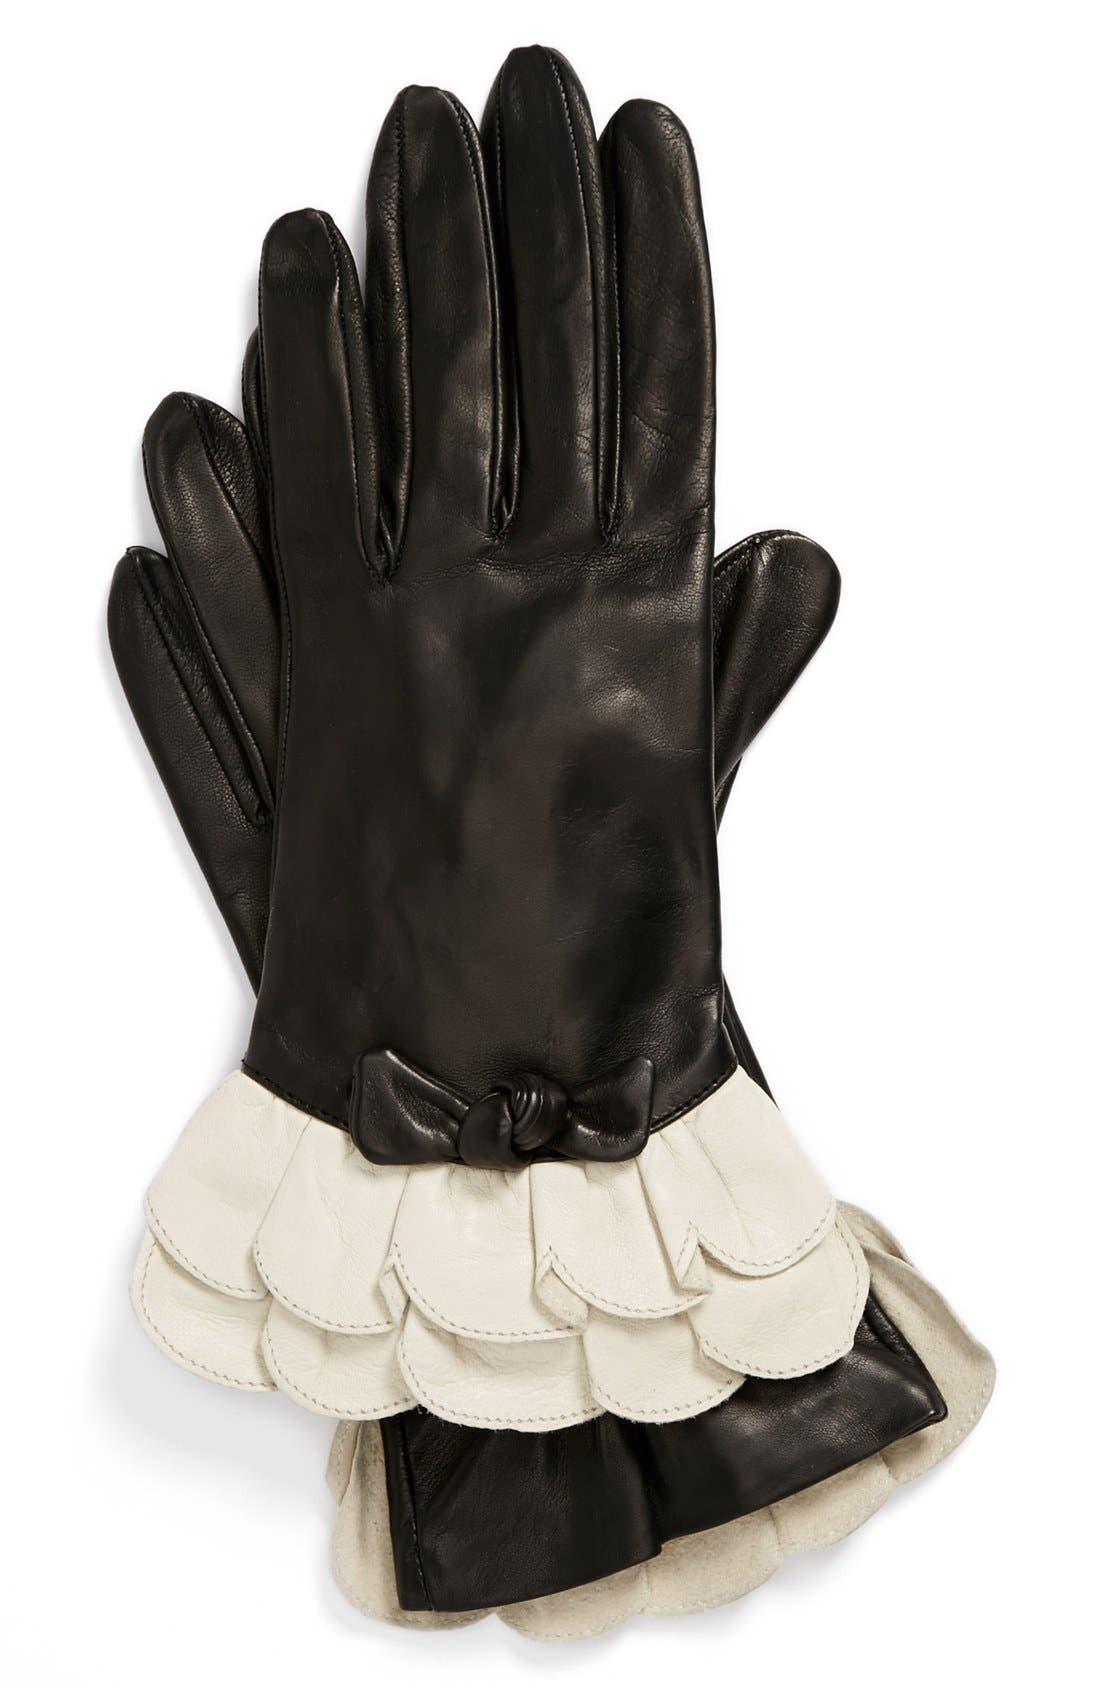 Main Image - Portolano Ruffled Leather Gloves